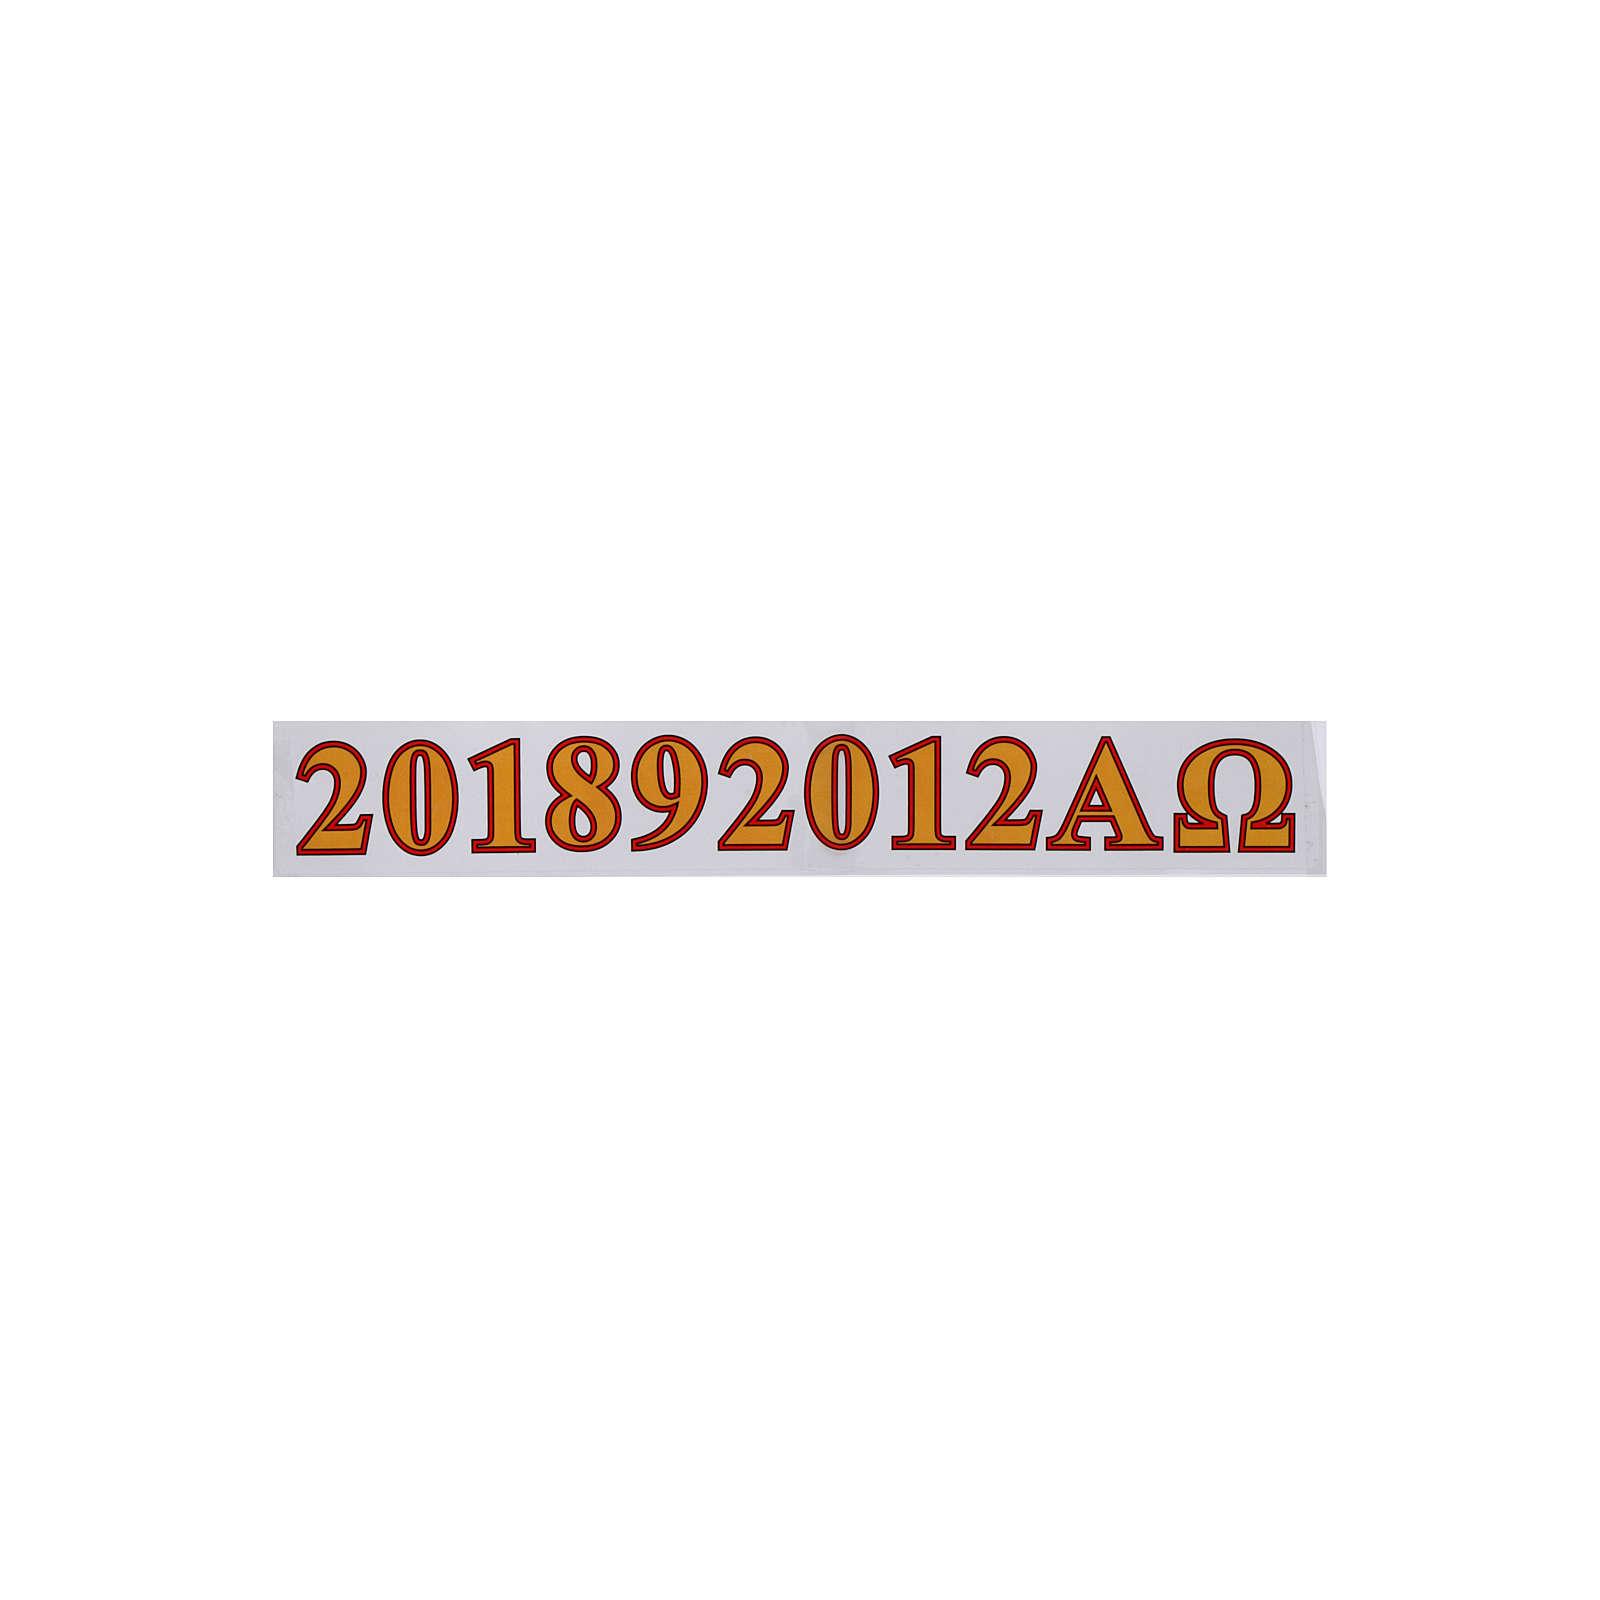 Adesivi cero Pasquale alfa, omega e anno 3